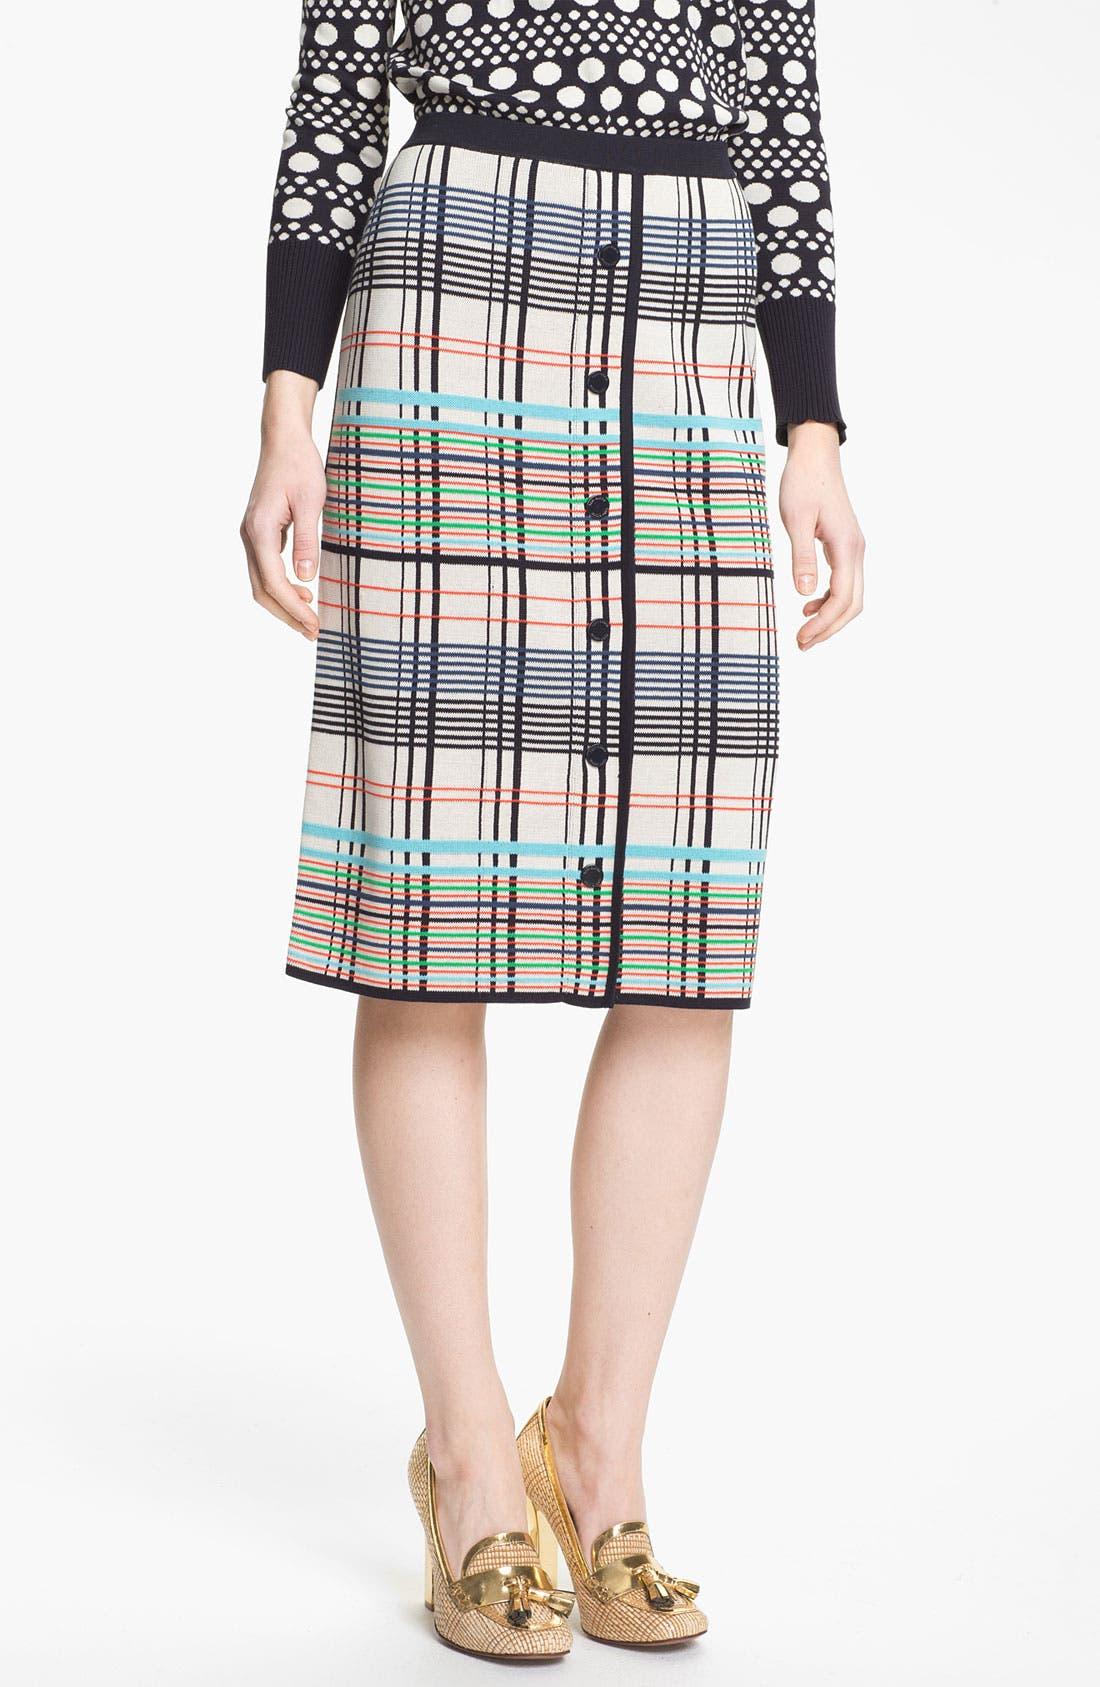 Main Image - Tory Burch 'Adalyn' Skirt